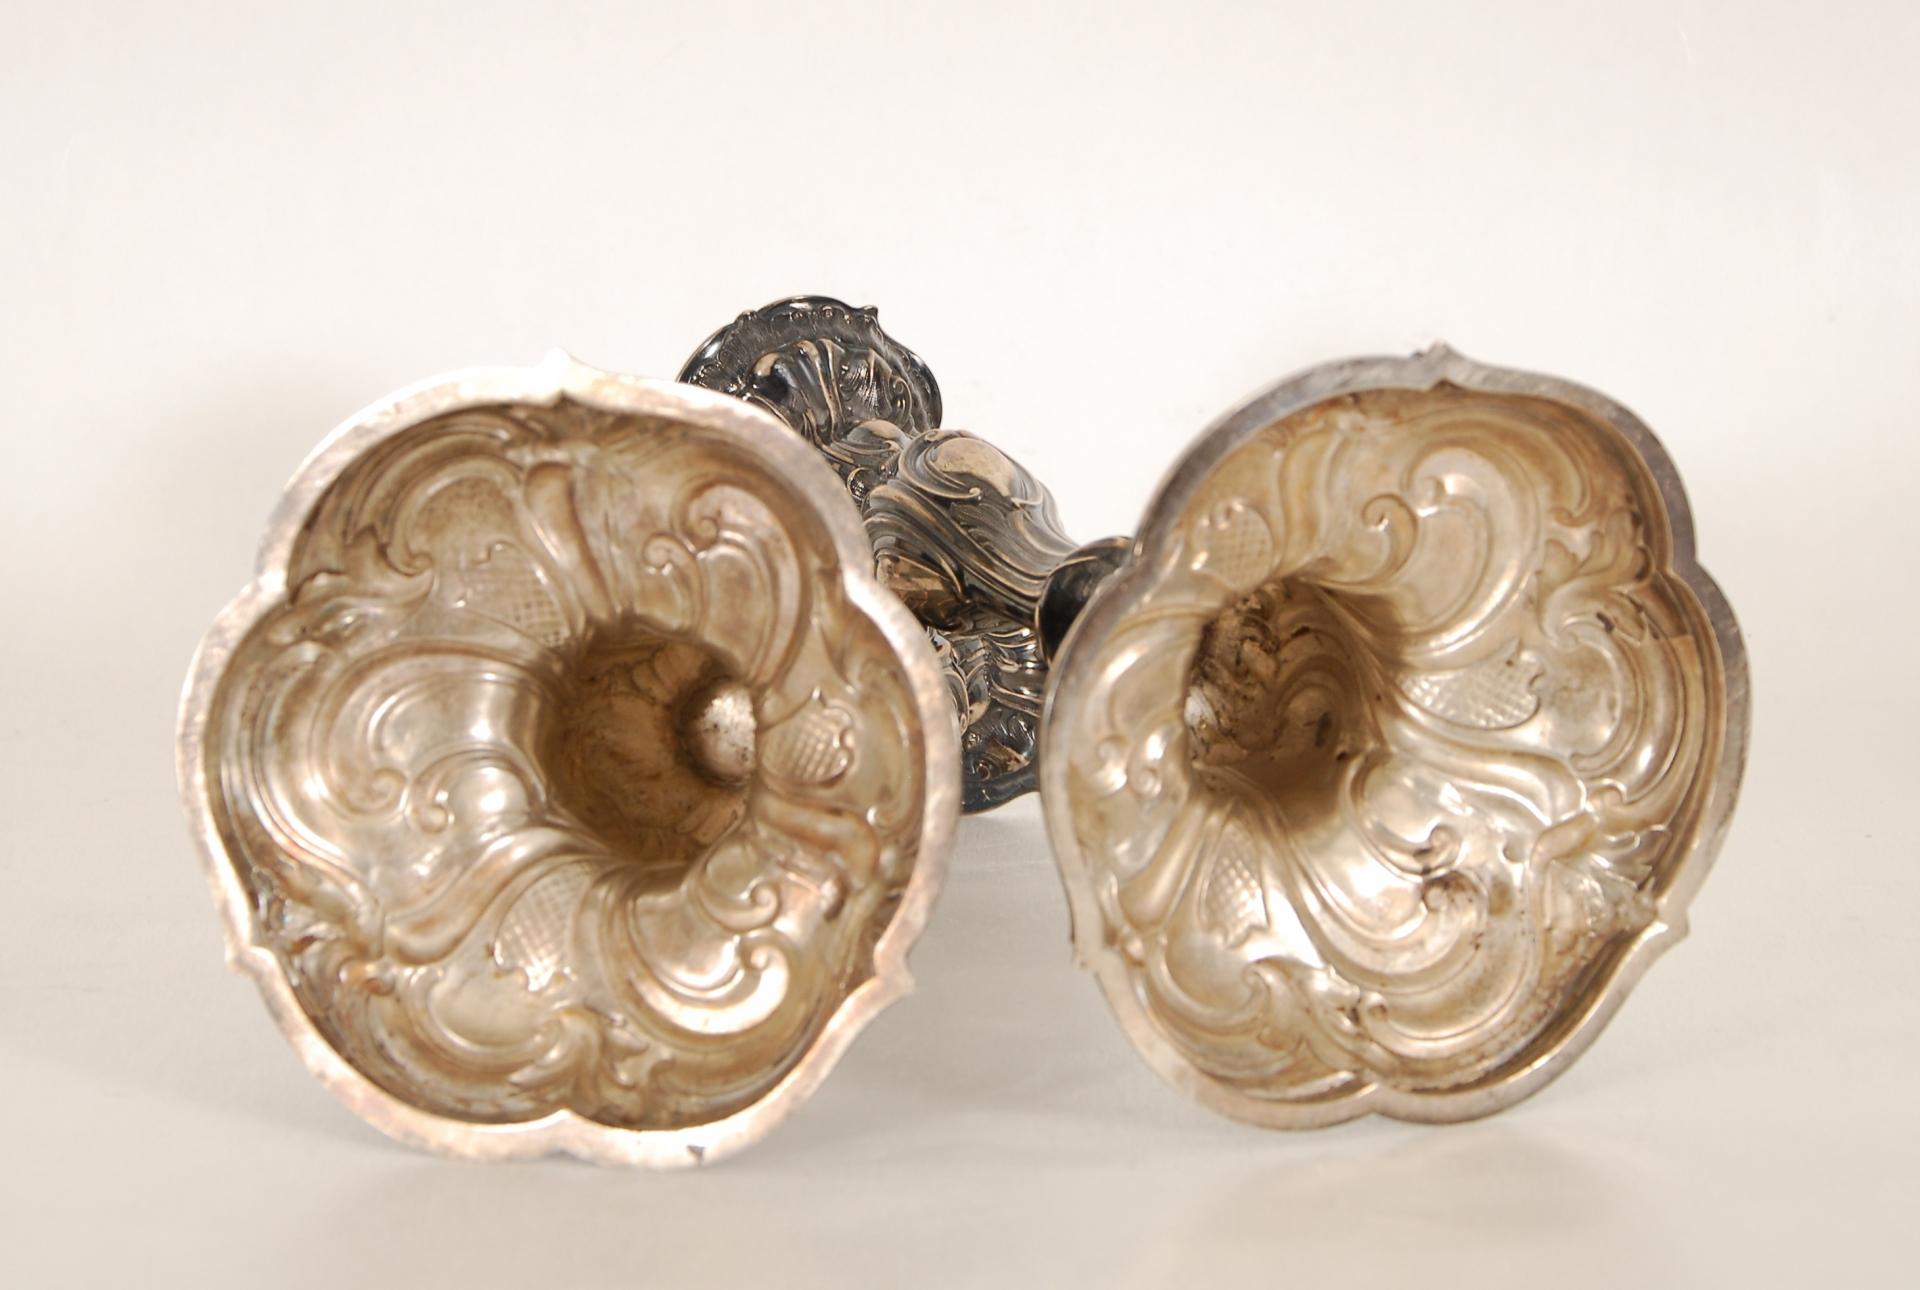 Paire de chandeliers de style Louis XV